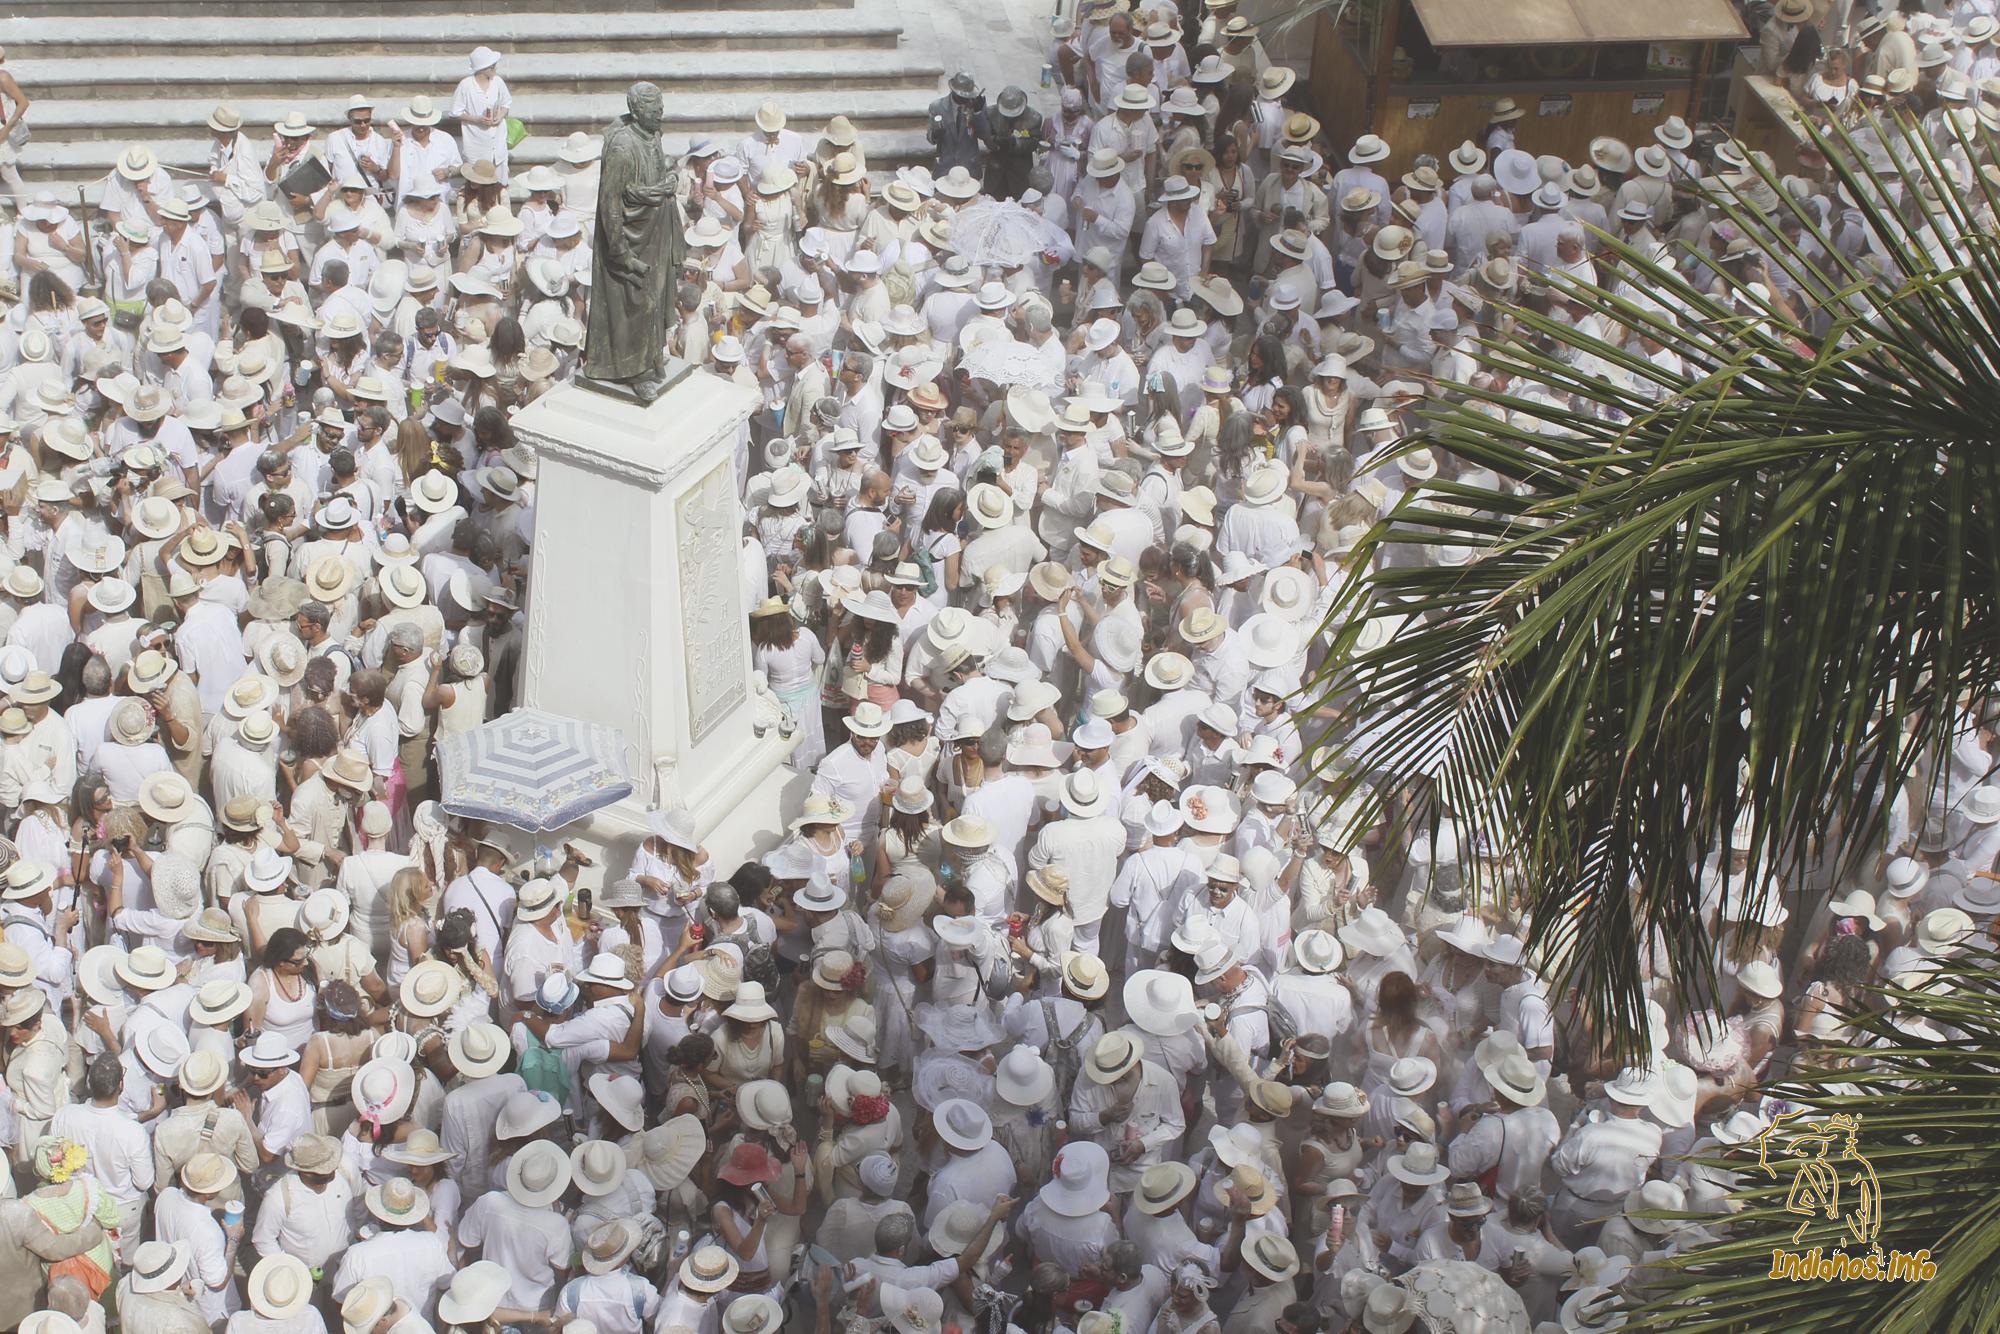 Llegada y Recibimiento de la Negra Tomasa y su familia, al son de la conga cubana Negra Tomasa, en la plaza de España.